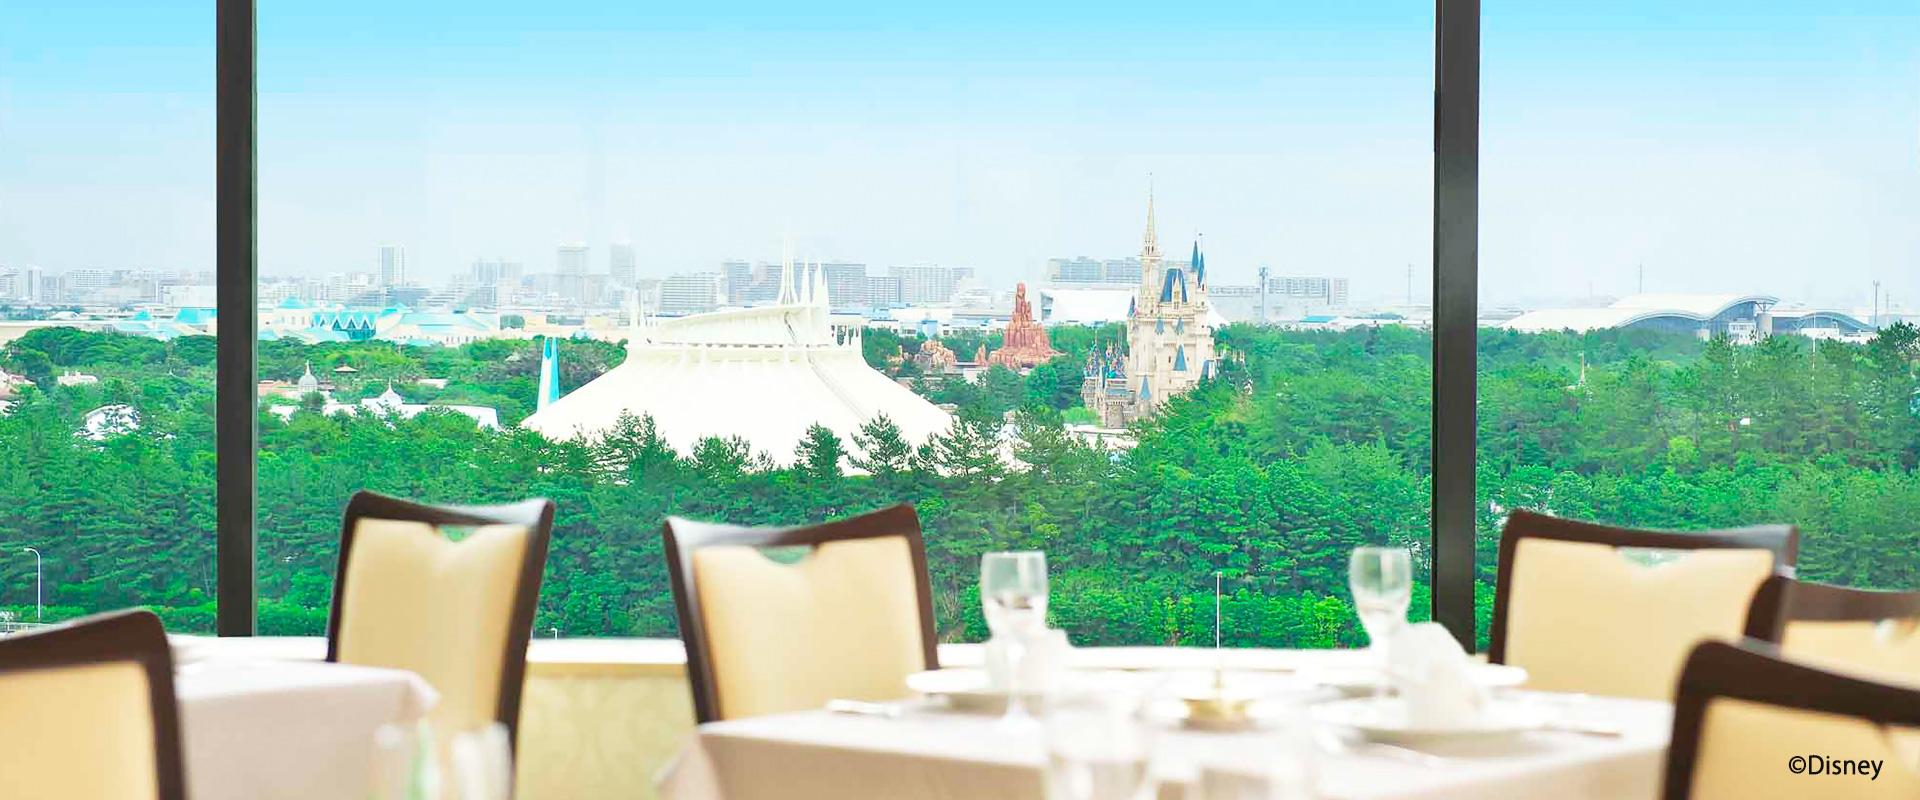 ディズニーオフィシャルホテルをあらゆるランキングで比較〜格安で朝食の